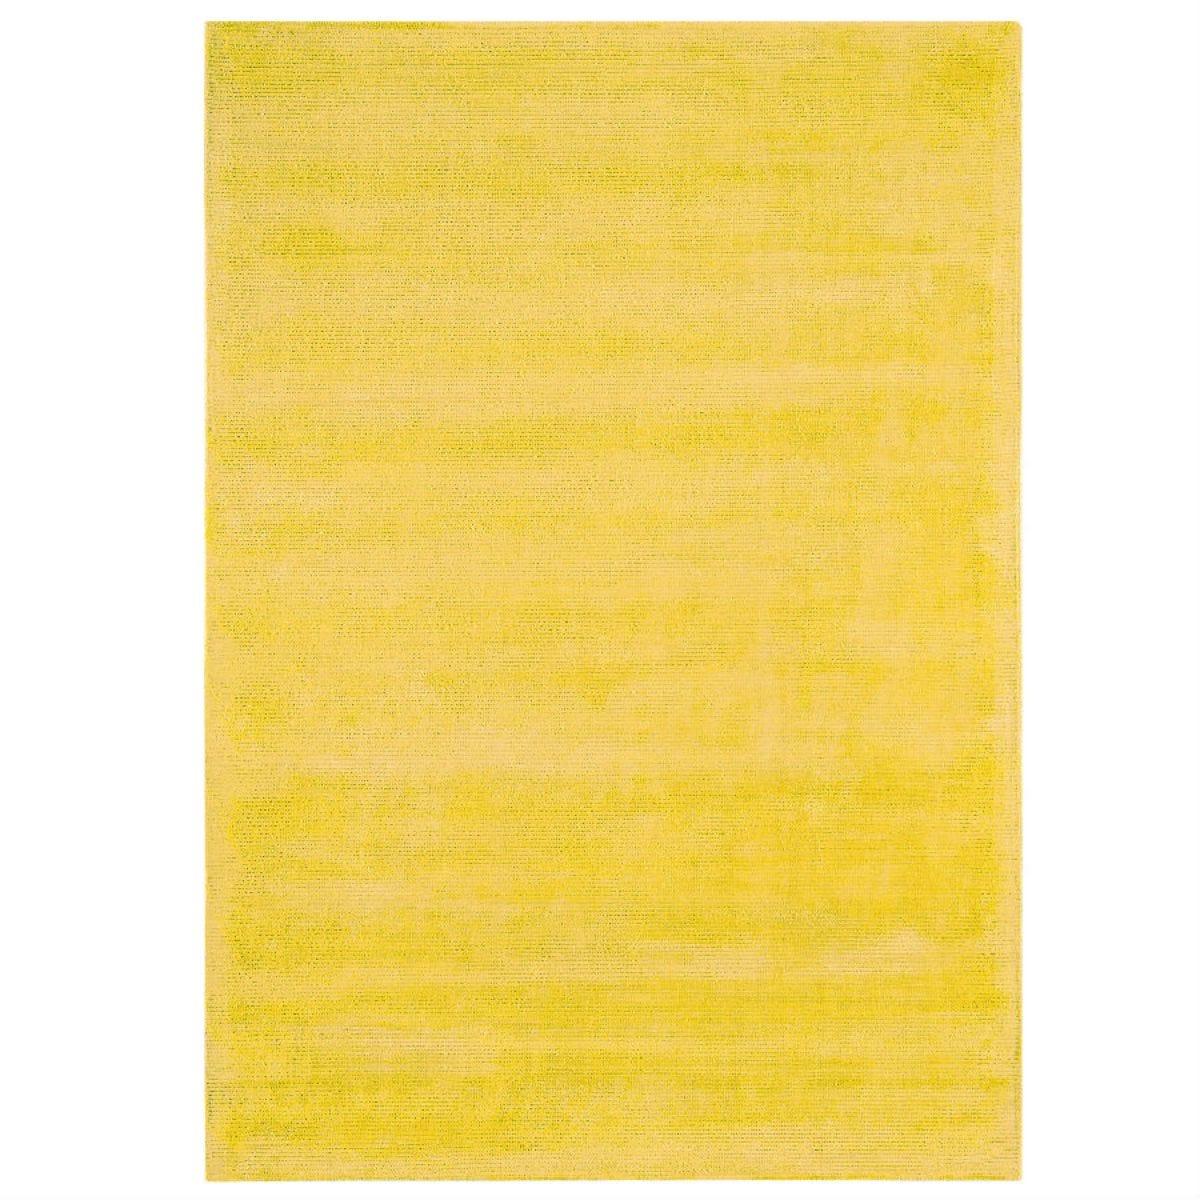 Asiatic Reko Rug, 160 x 230cm - Mustard